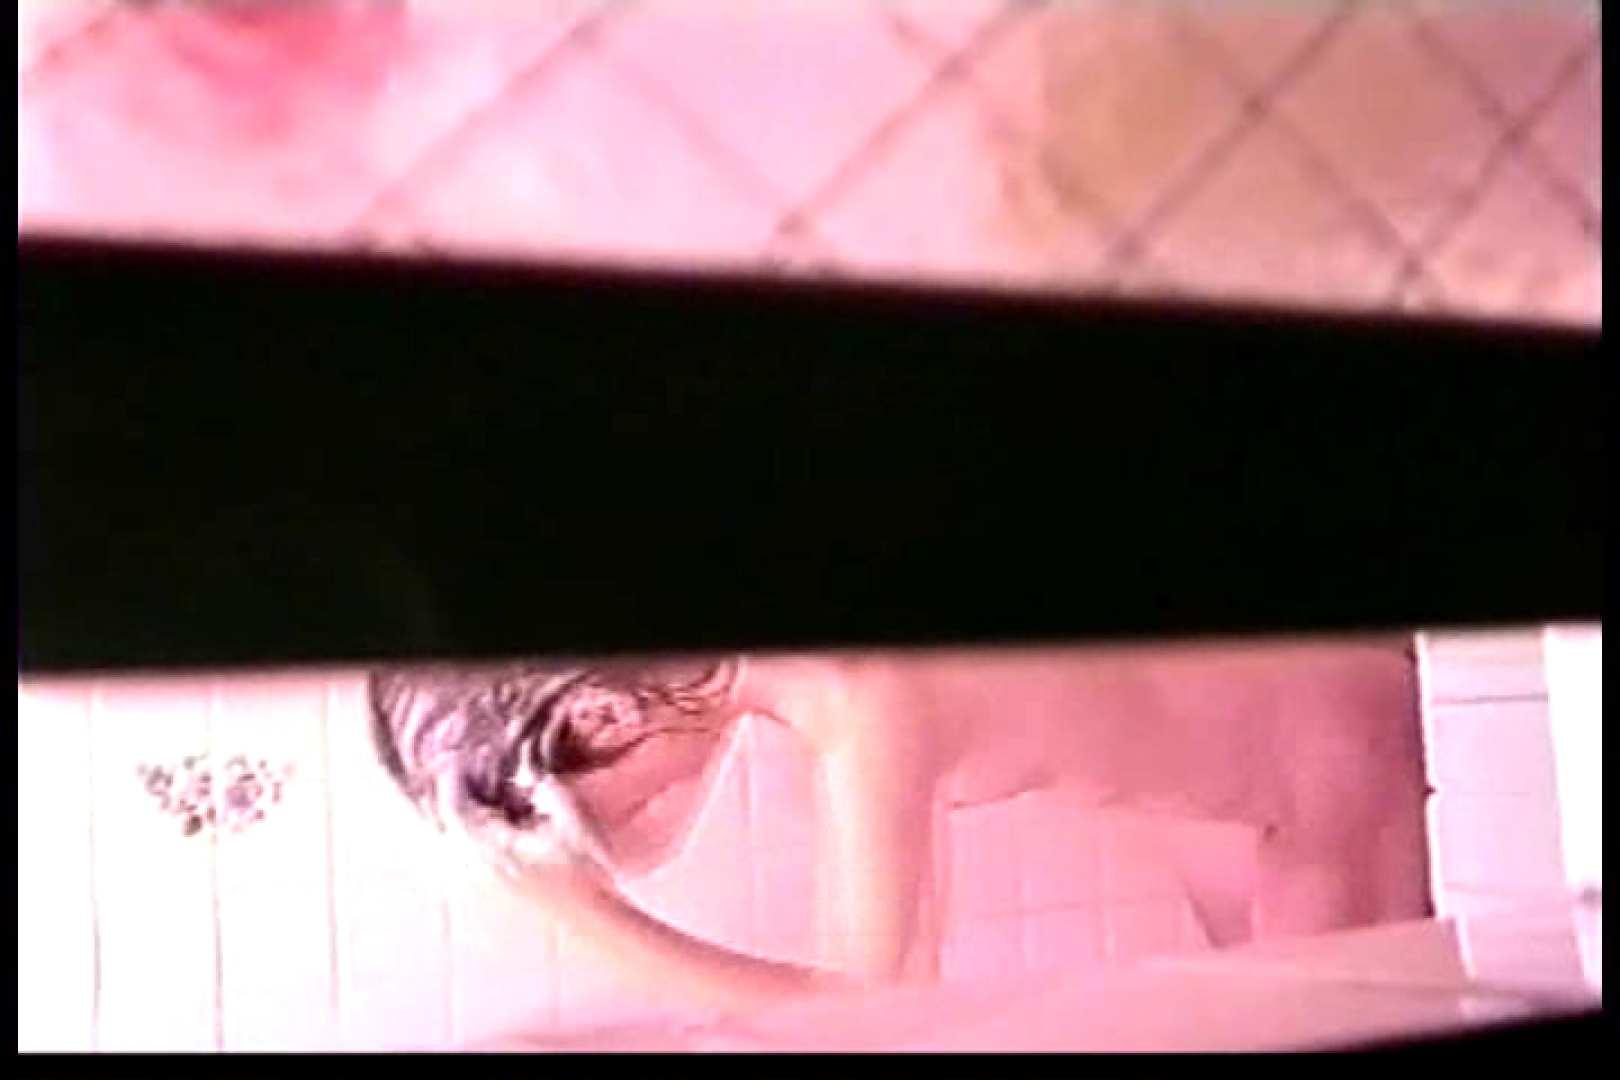 バレまくり!! 絶叫民家女風呂盗撮Vol.1 覗き放題   OLセックス  63画像 31